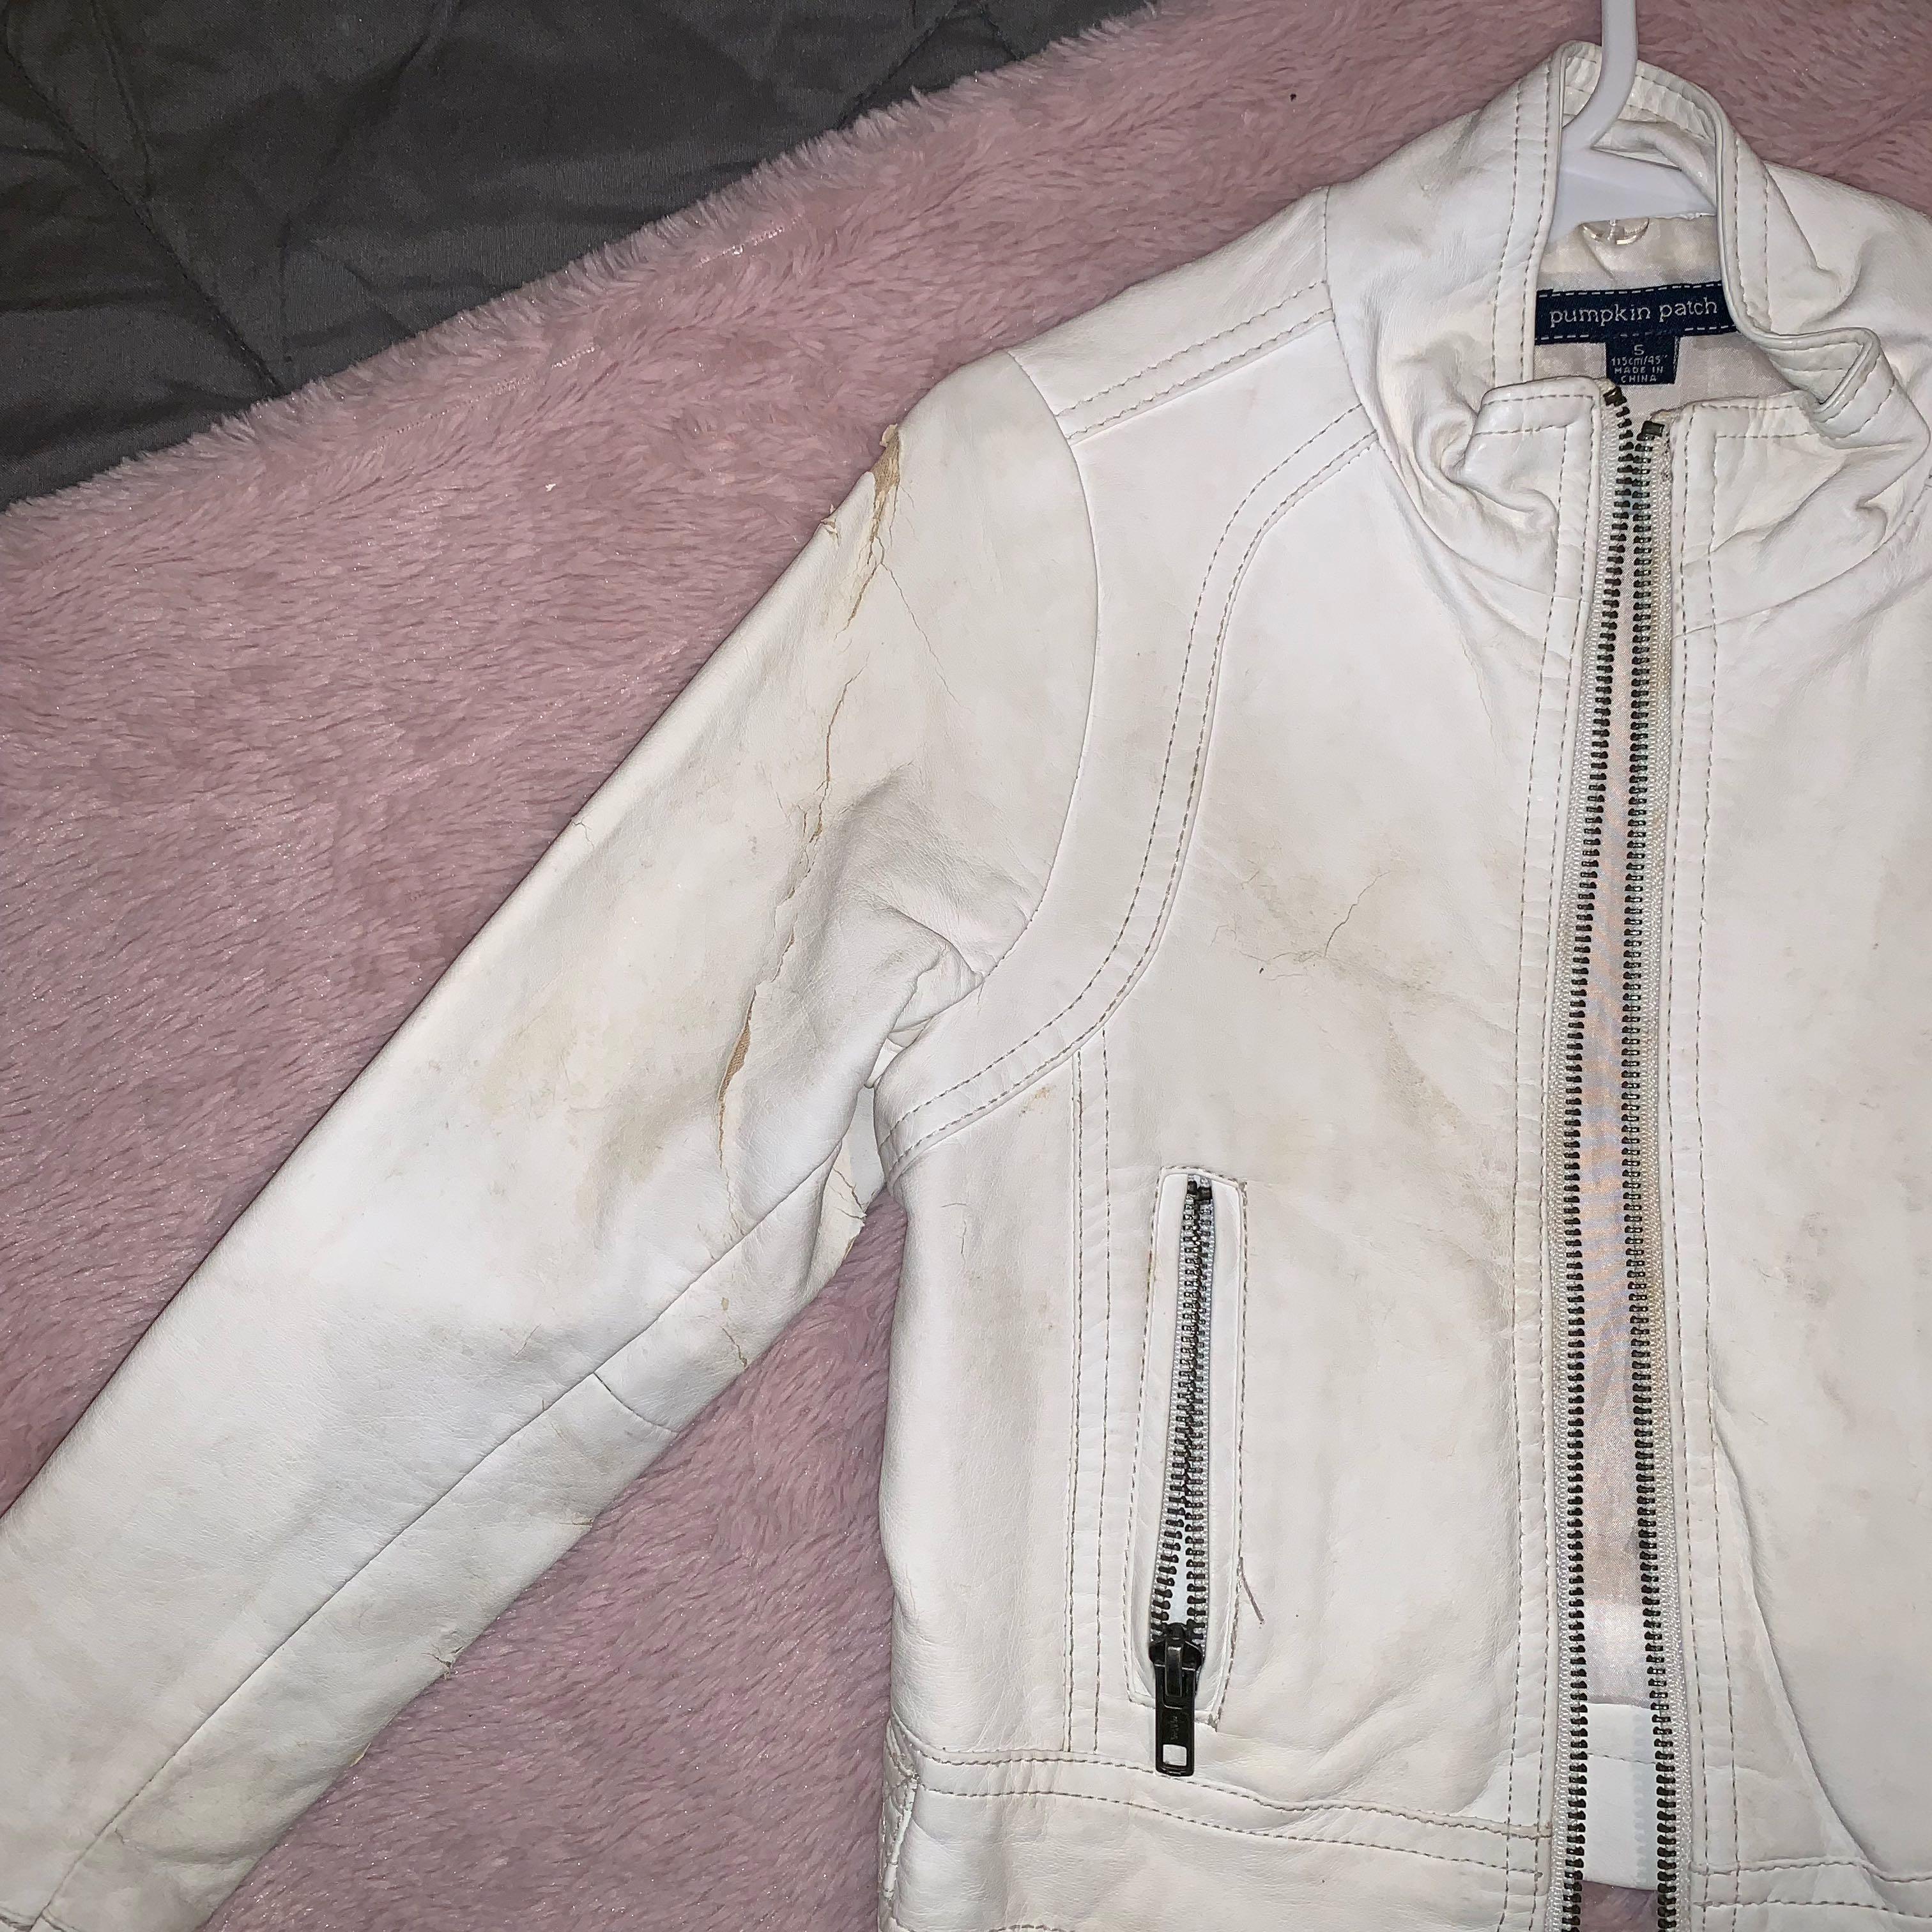 Size 5 white leather jacket